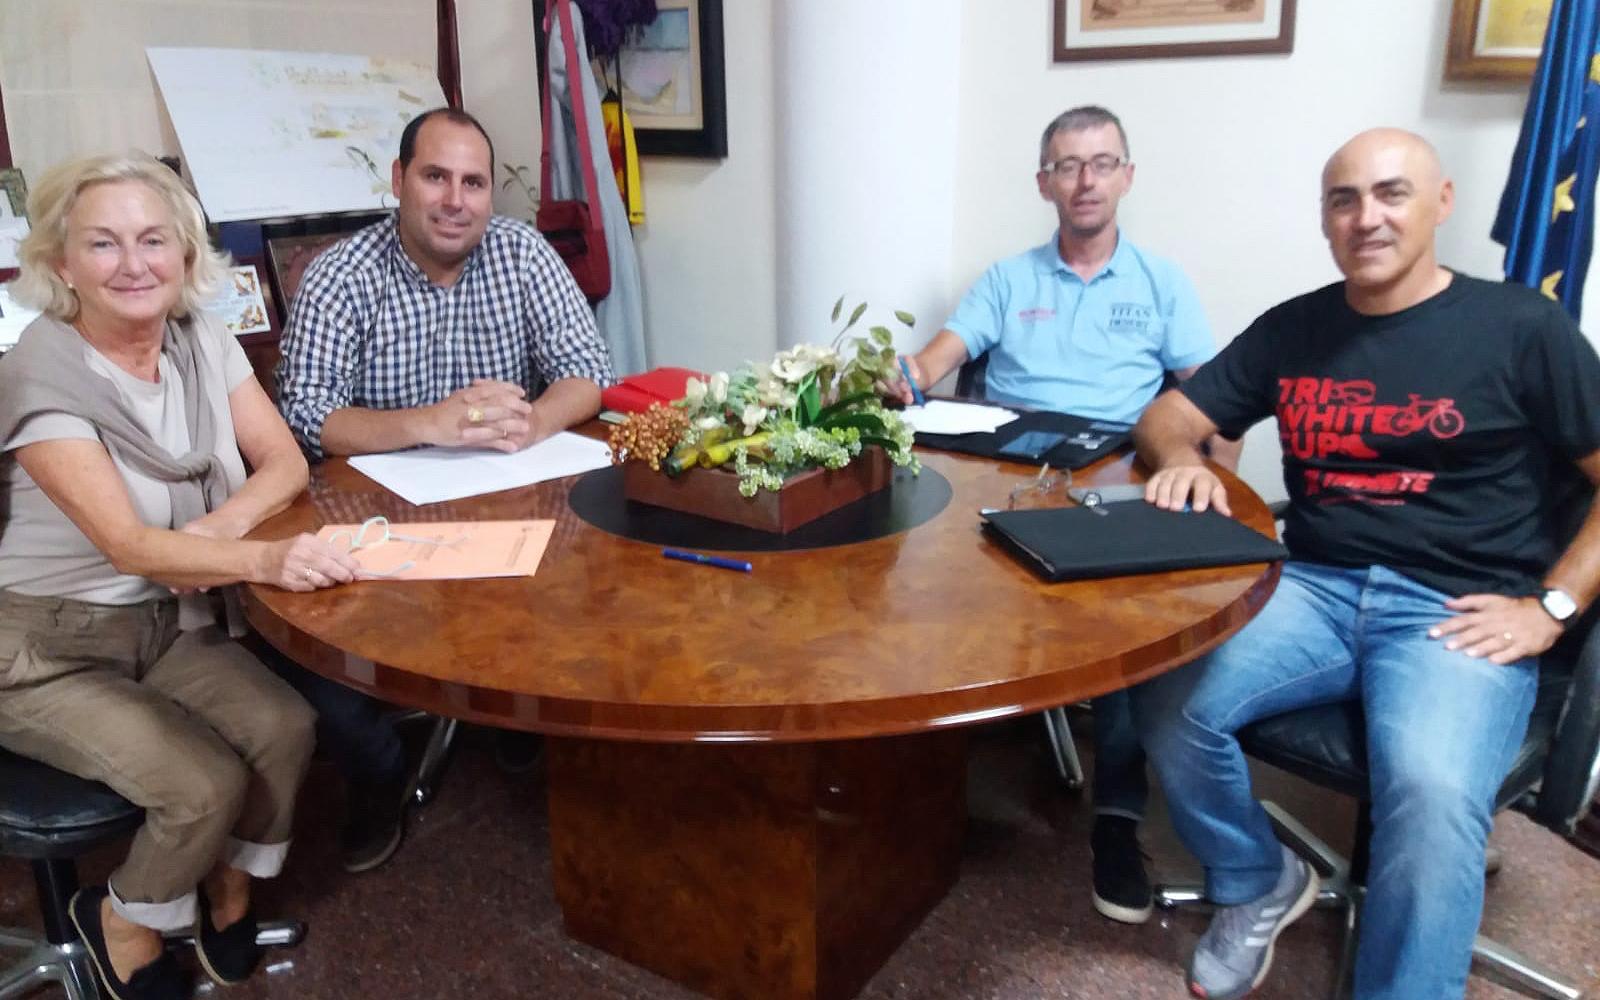 El regidor de Personal i Seguretat Ciutadana es reuneix amb UGT Santa Pola per a millorar les condicions de treball de la Policia Local